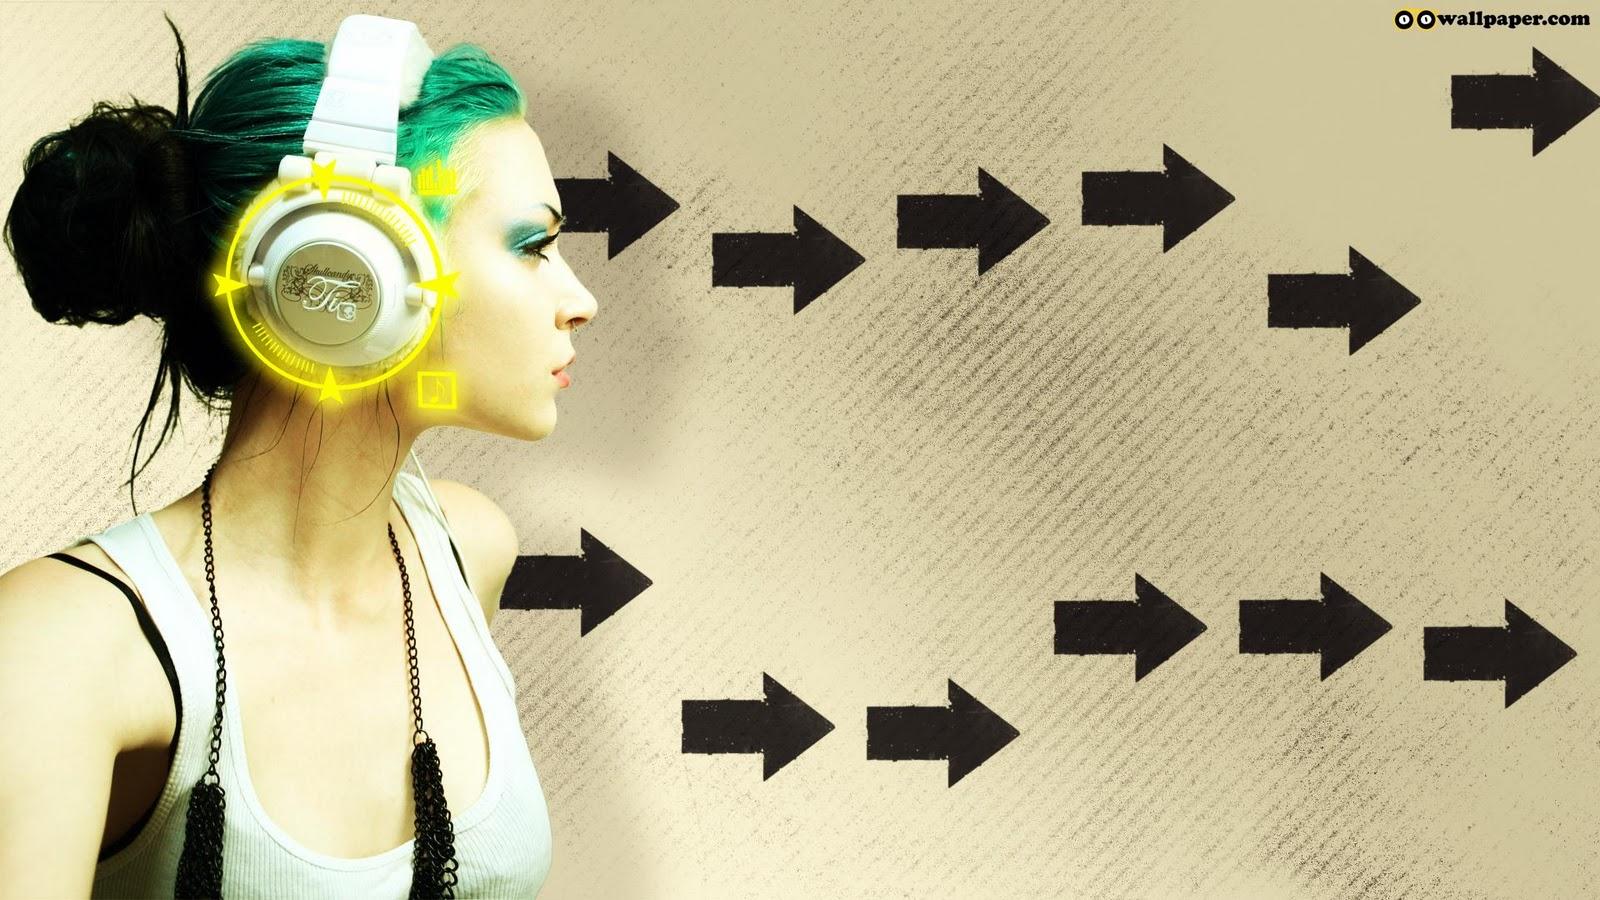 http://3.bp.blogspot.com/-F6A_e9pbn_I/TxbMCPBEOrI/AAAAAAAADWE/YbrsWsY-9TE/s1600/oo_headphone_016.jpg